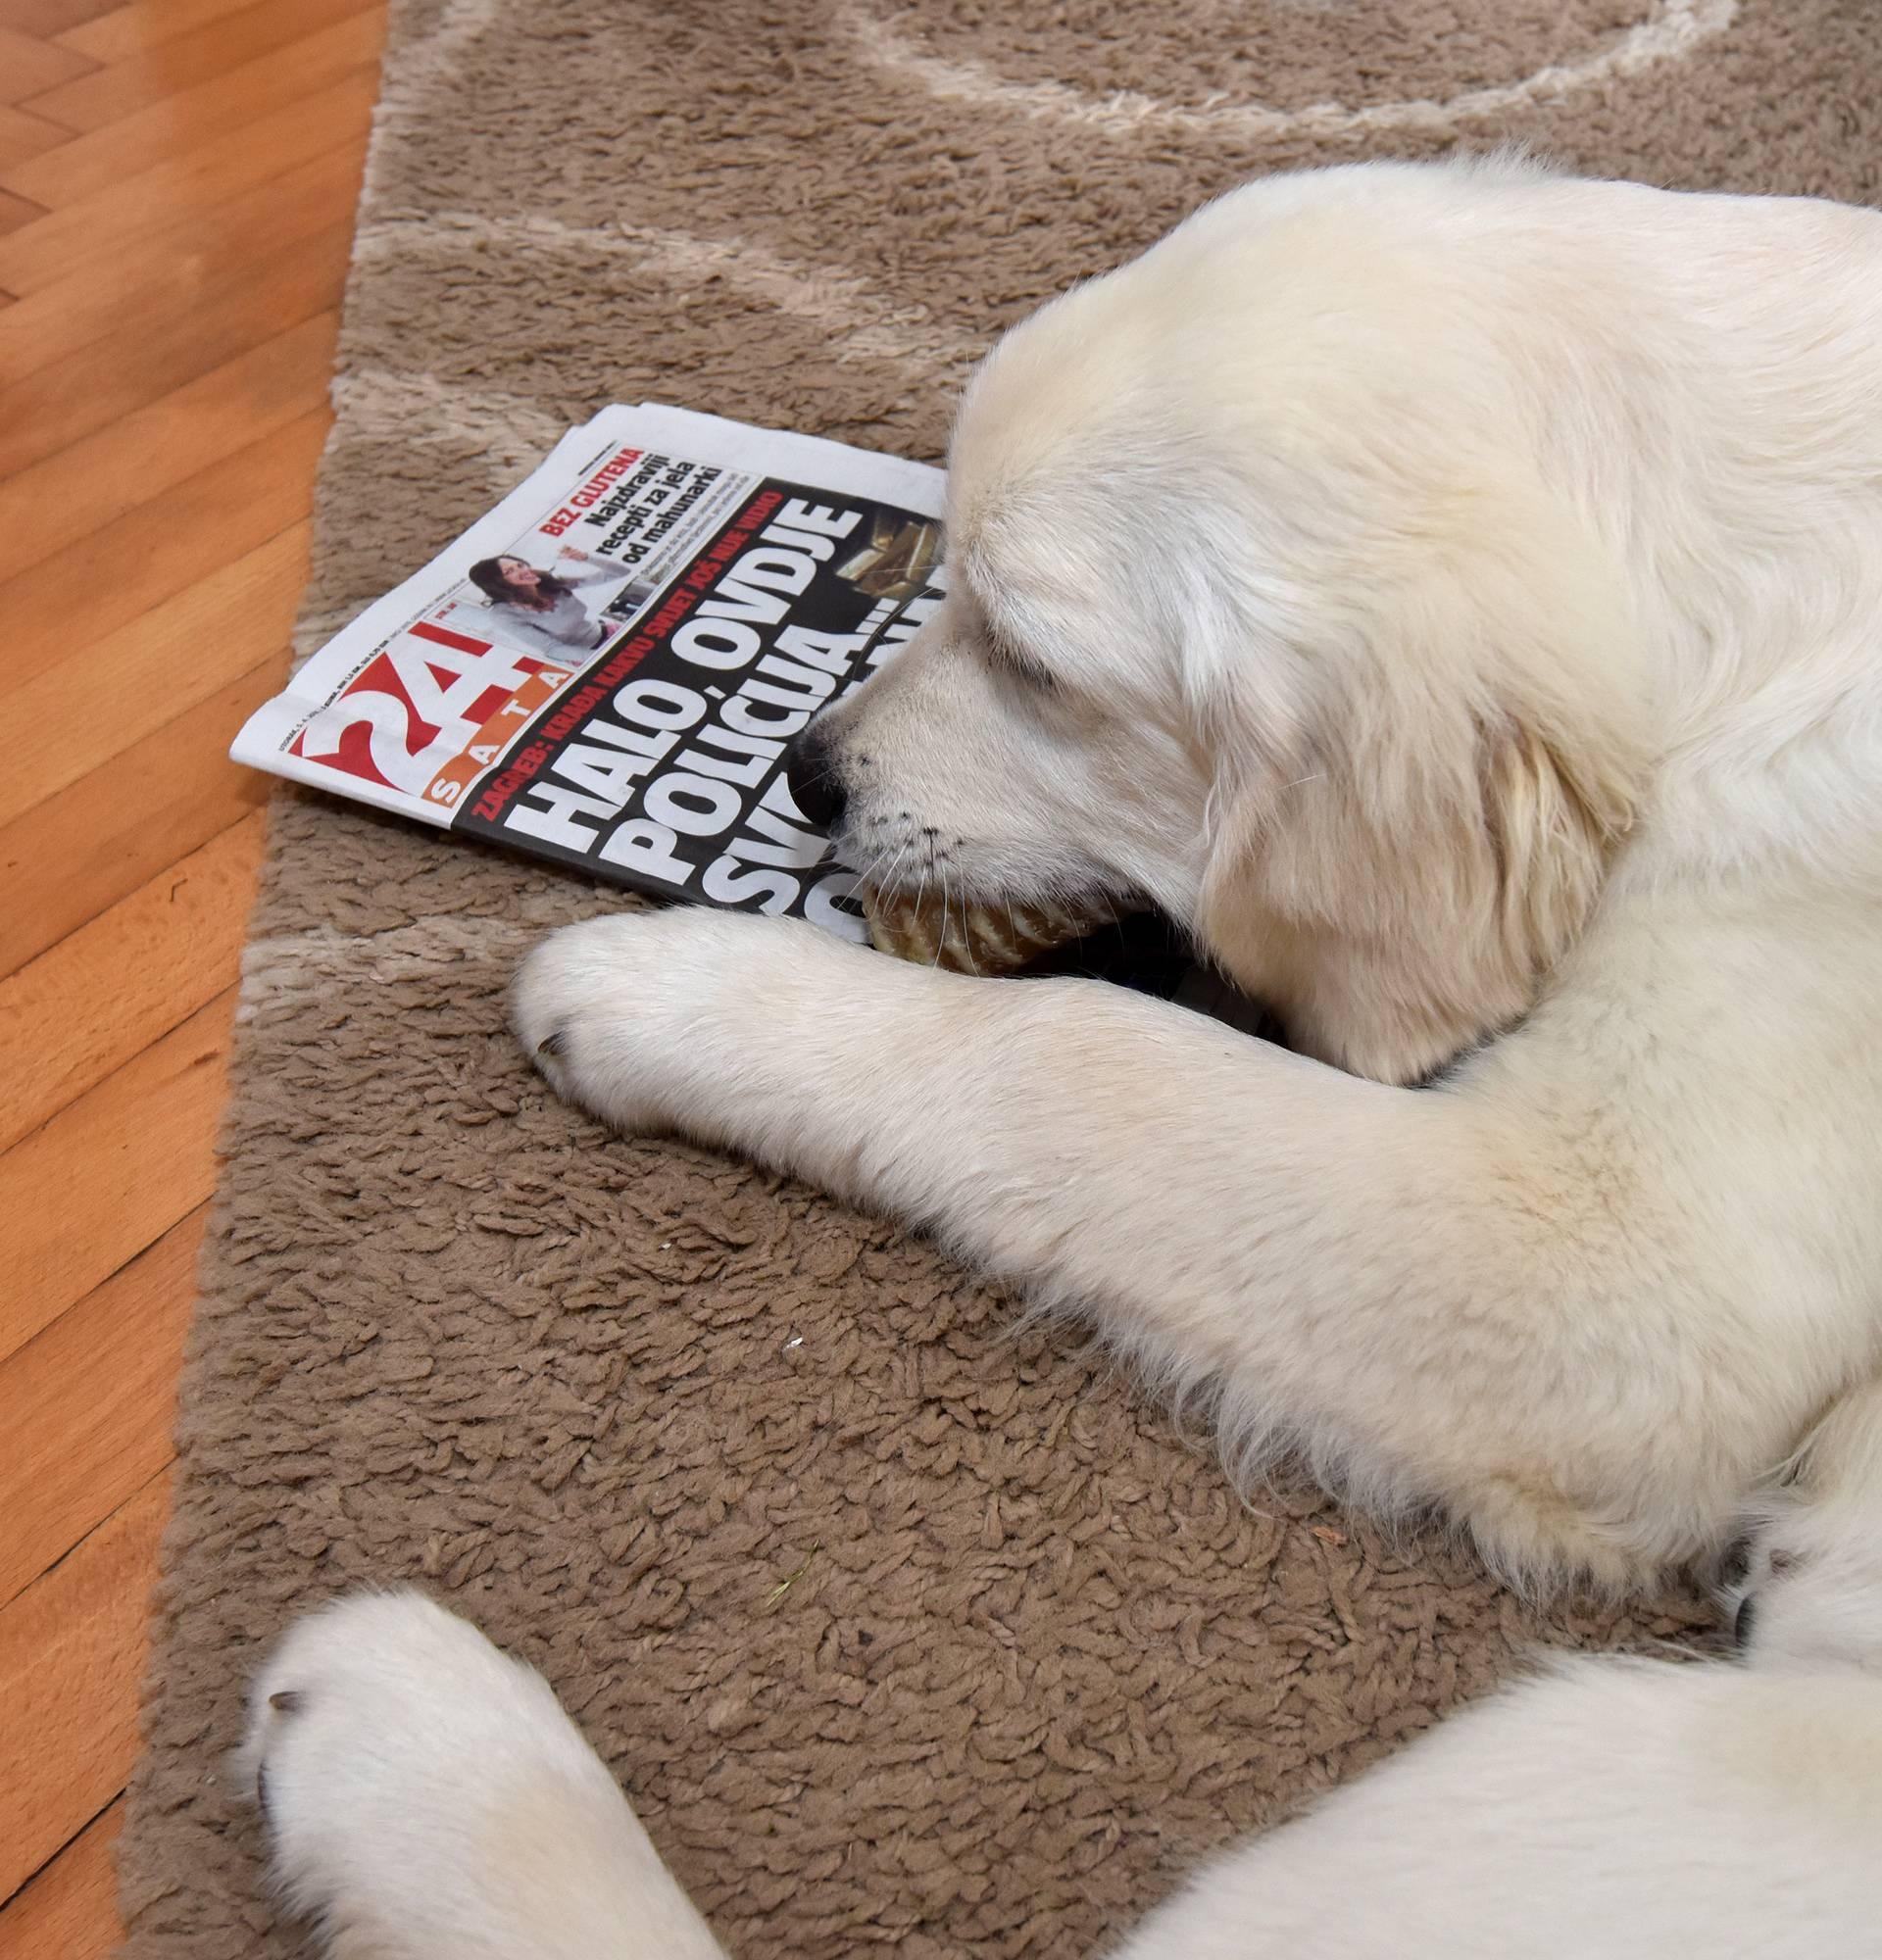 Najdraži mu je 24sata: Štene retrivera obožava gledati TV